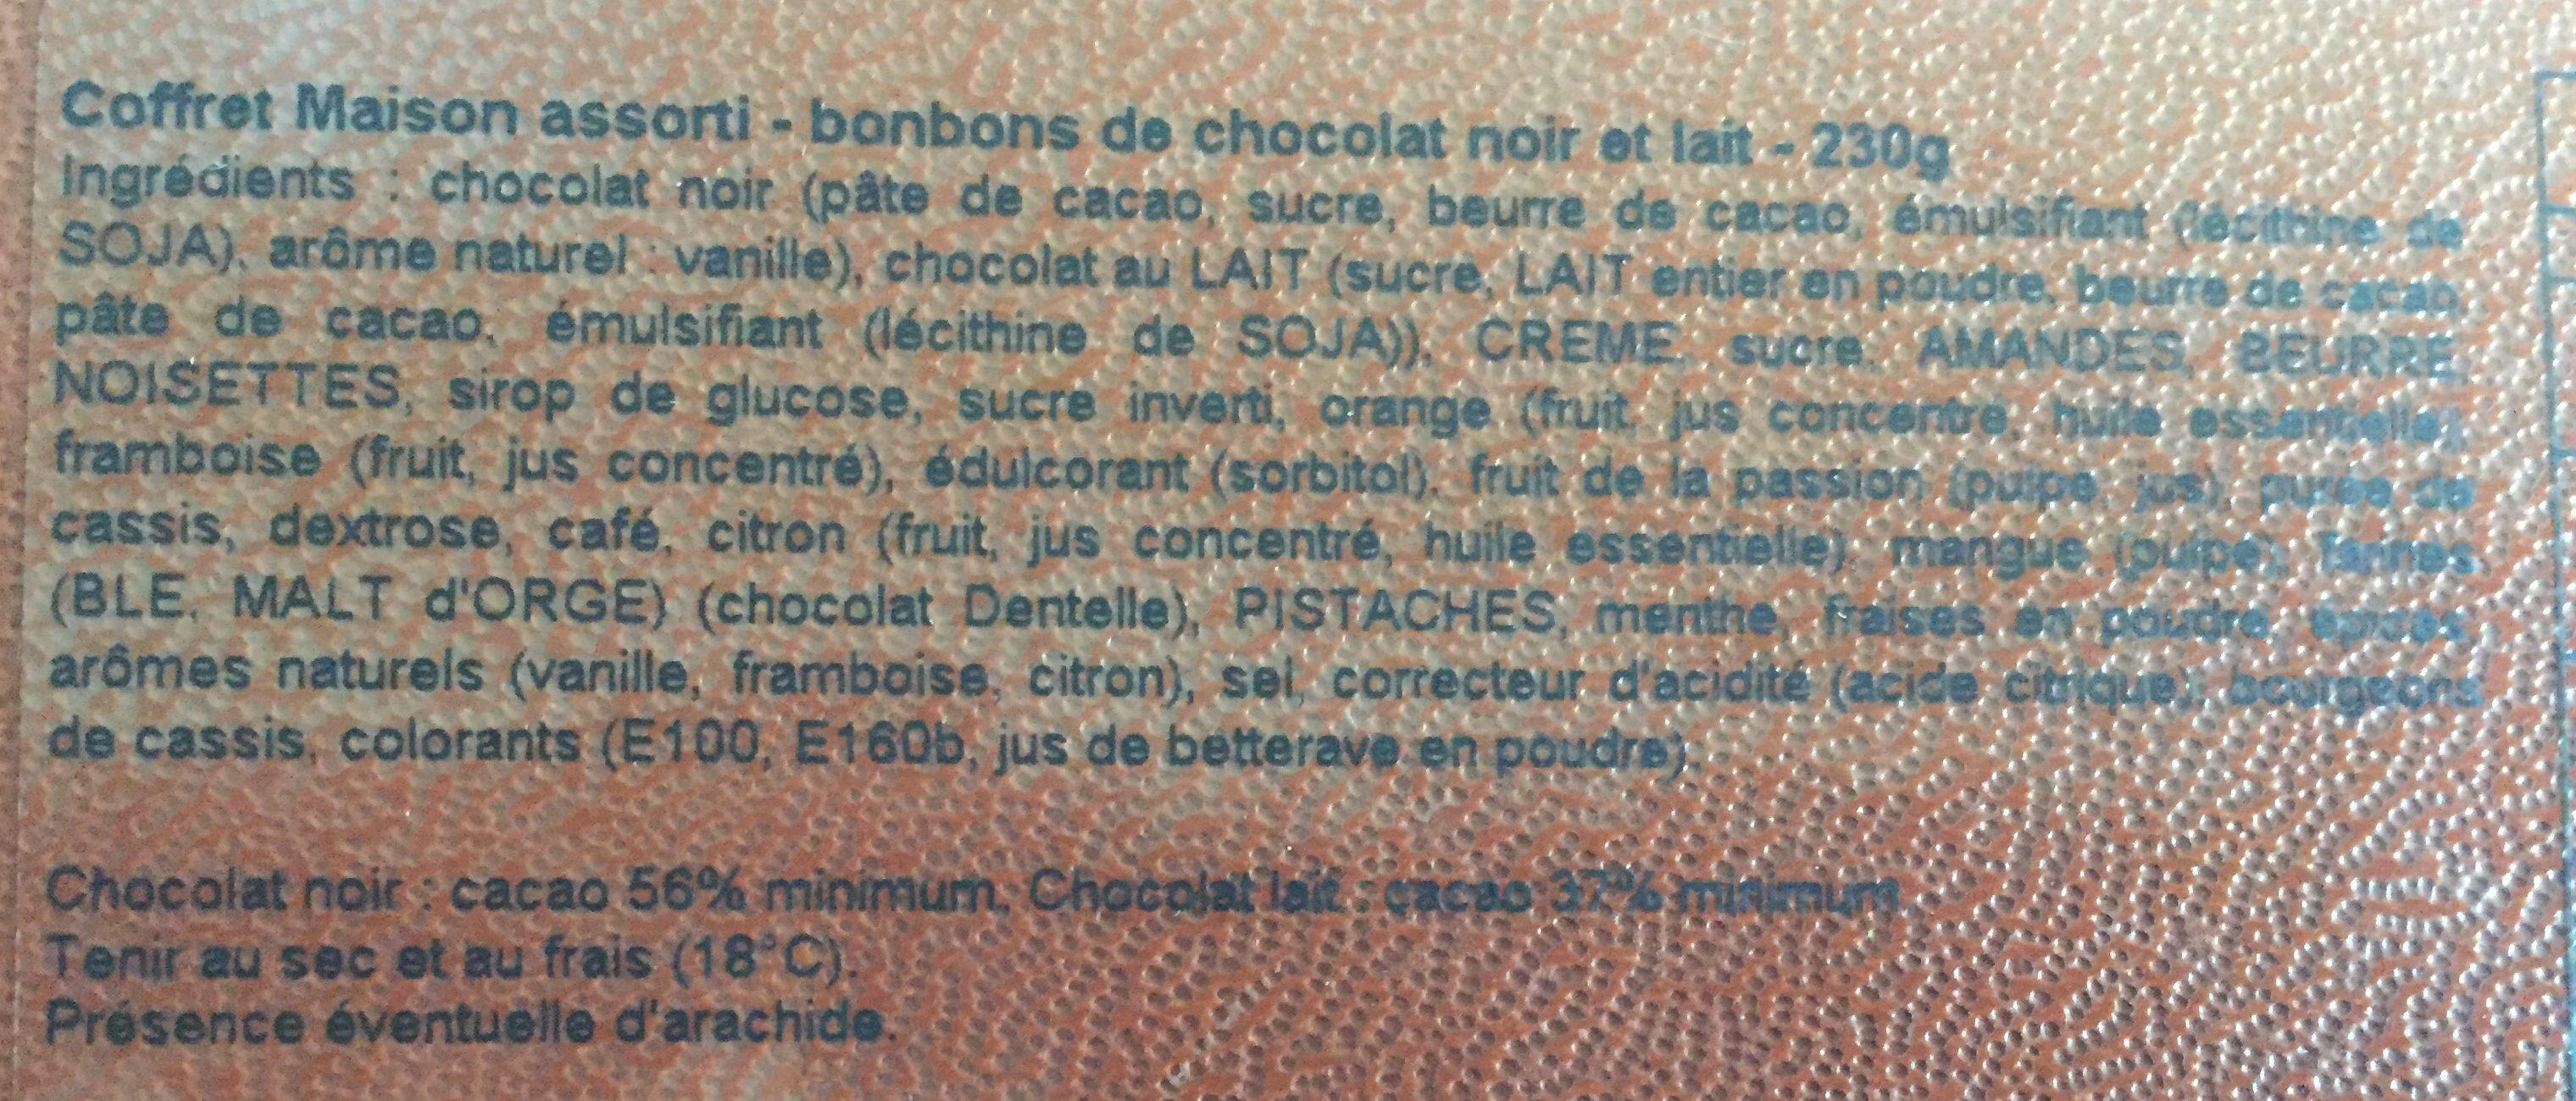 Bonbons de chocolat noir et lait - Ingrédients